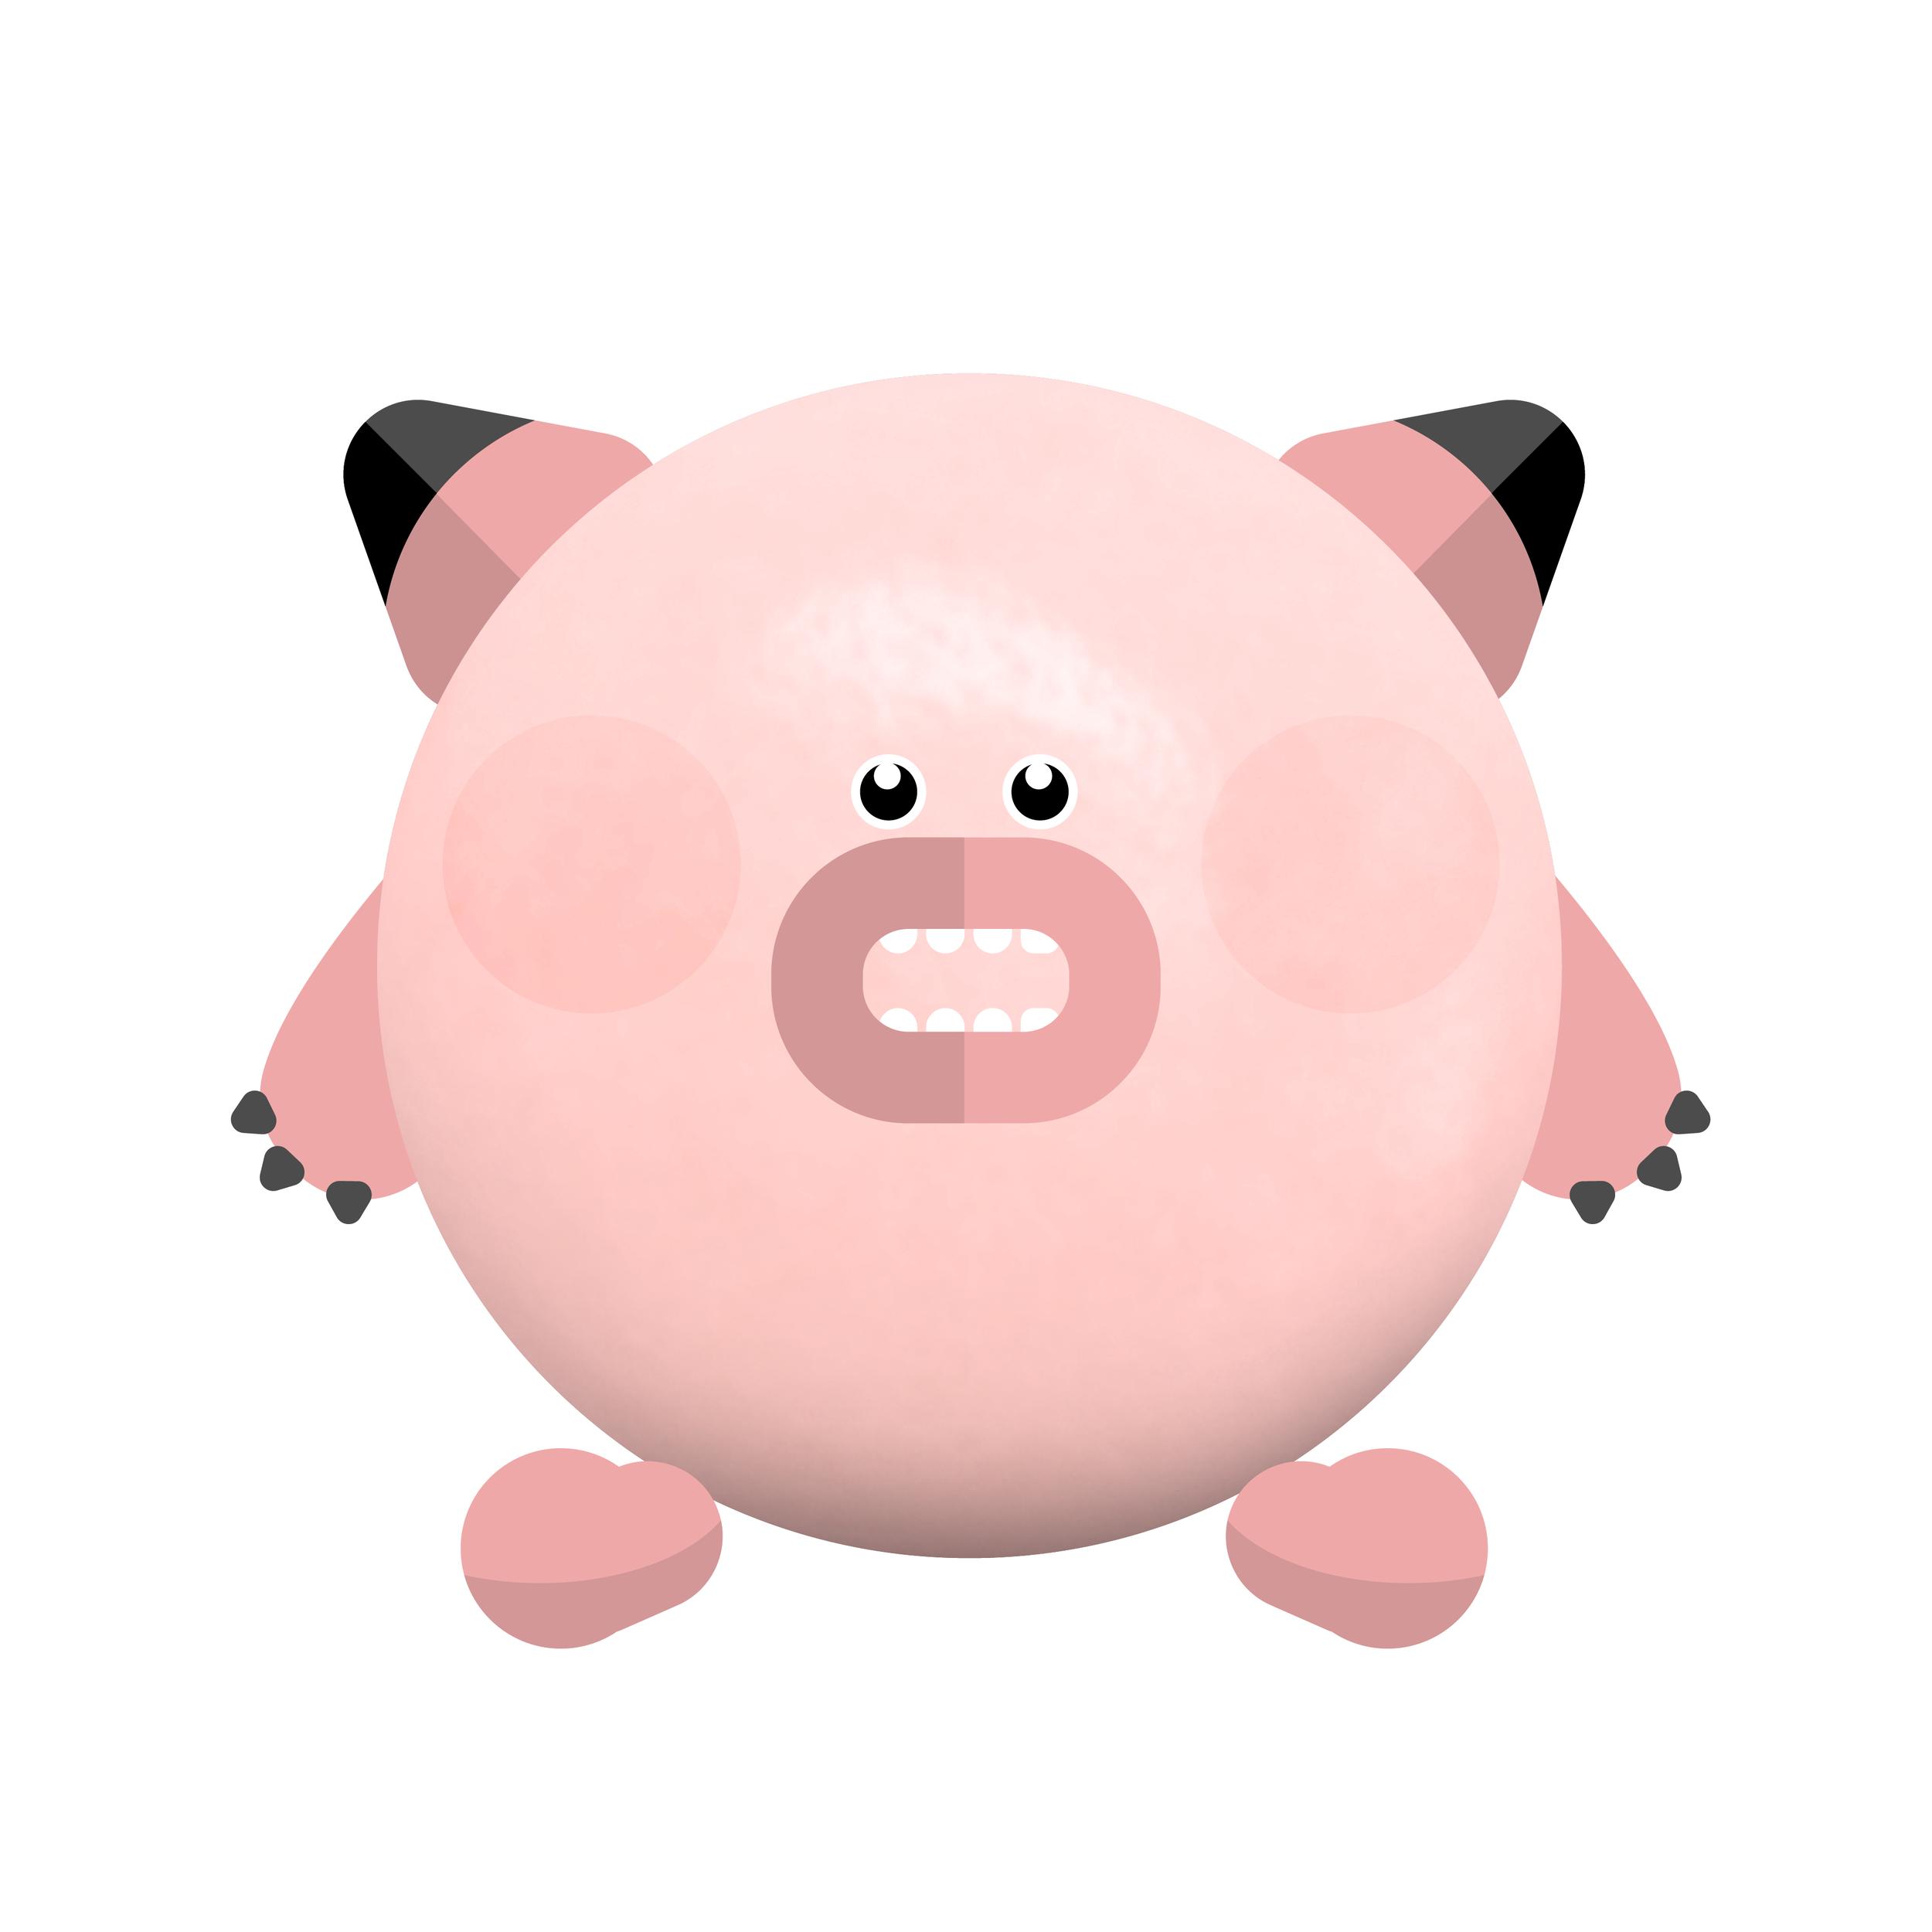 160828-Mentos-Pocketmentos-03-01.png